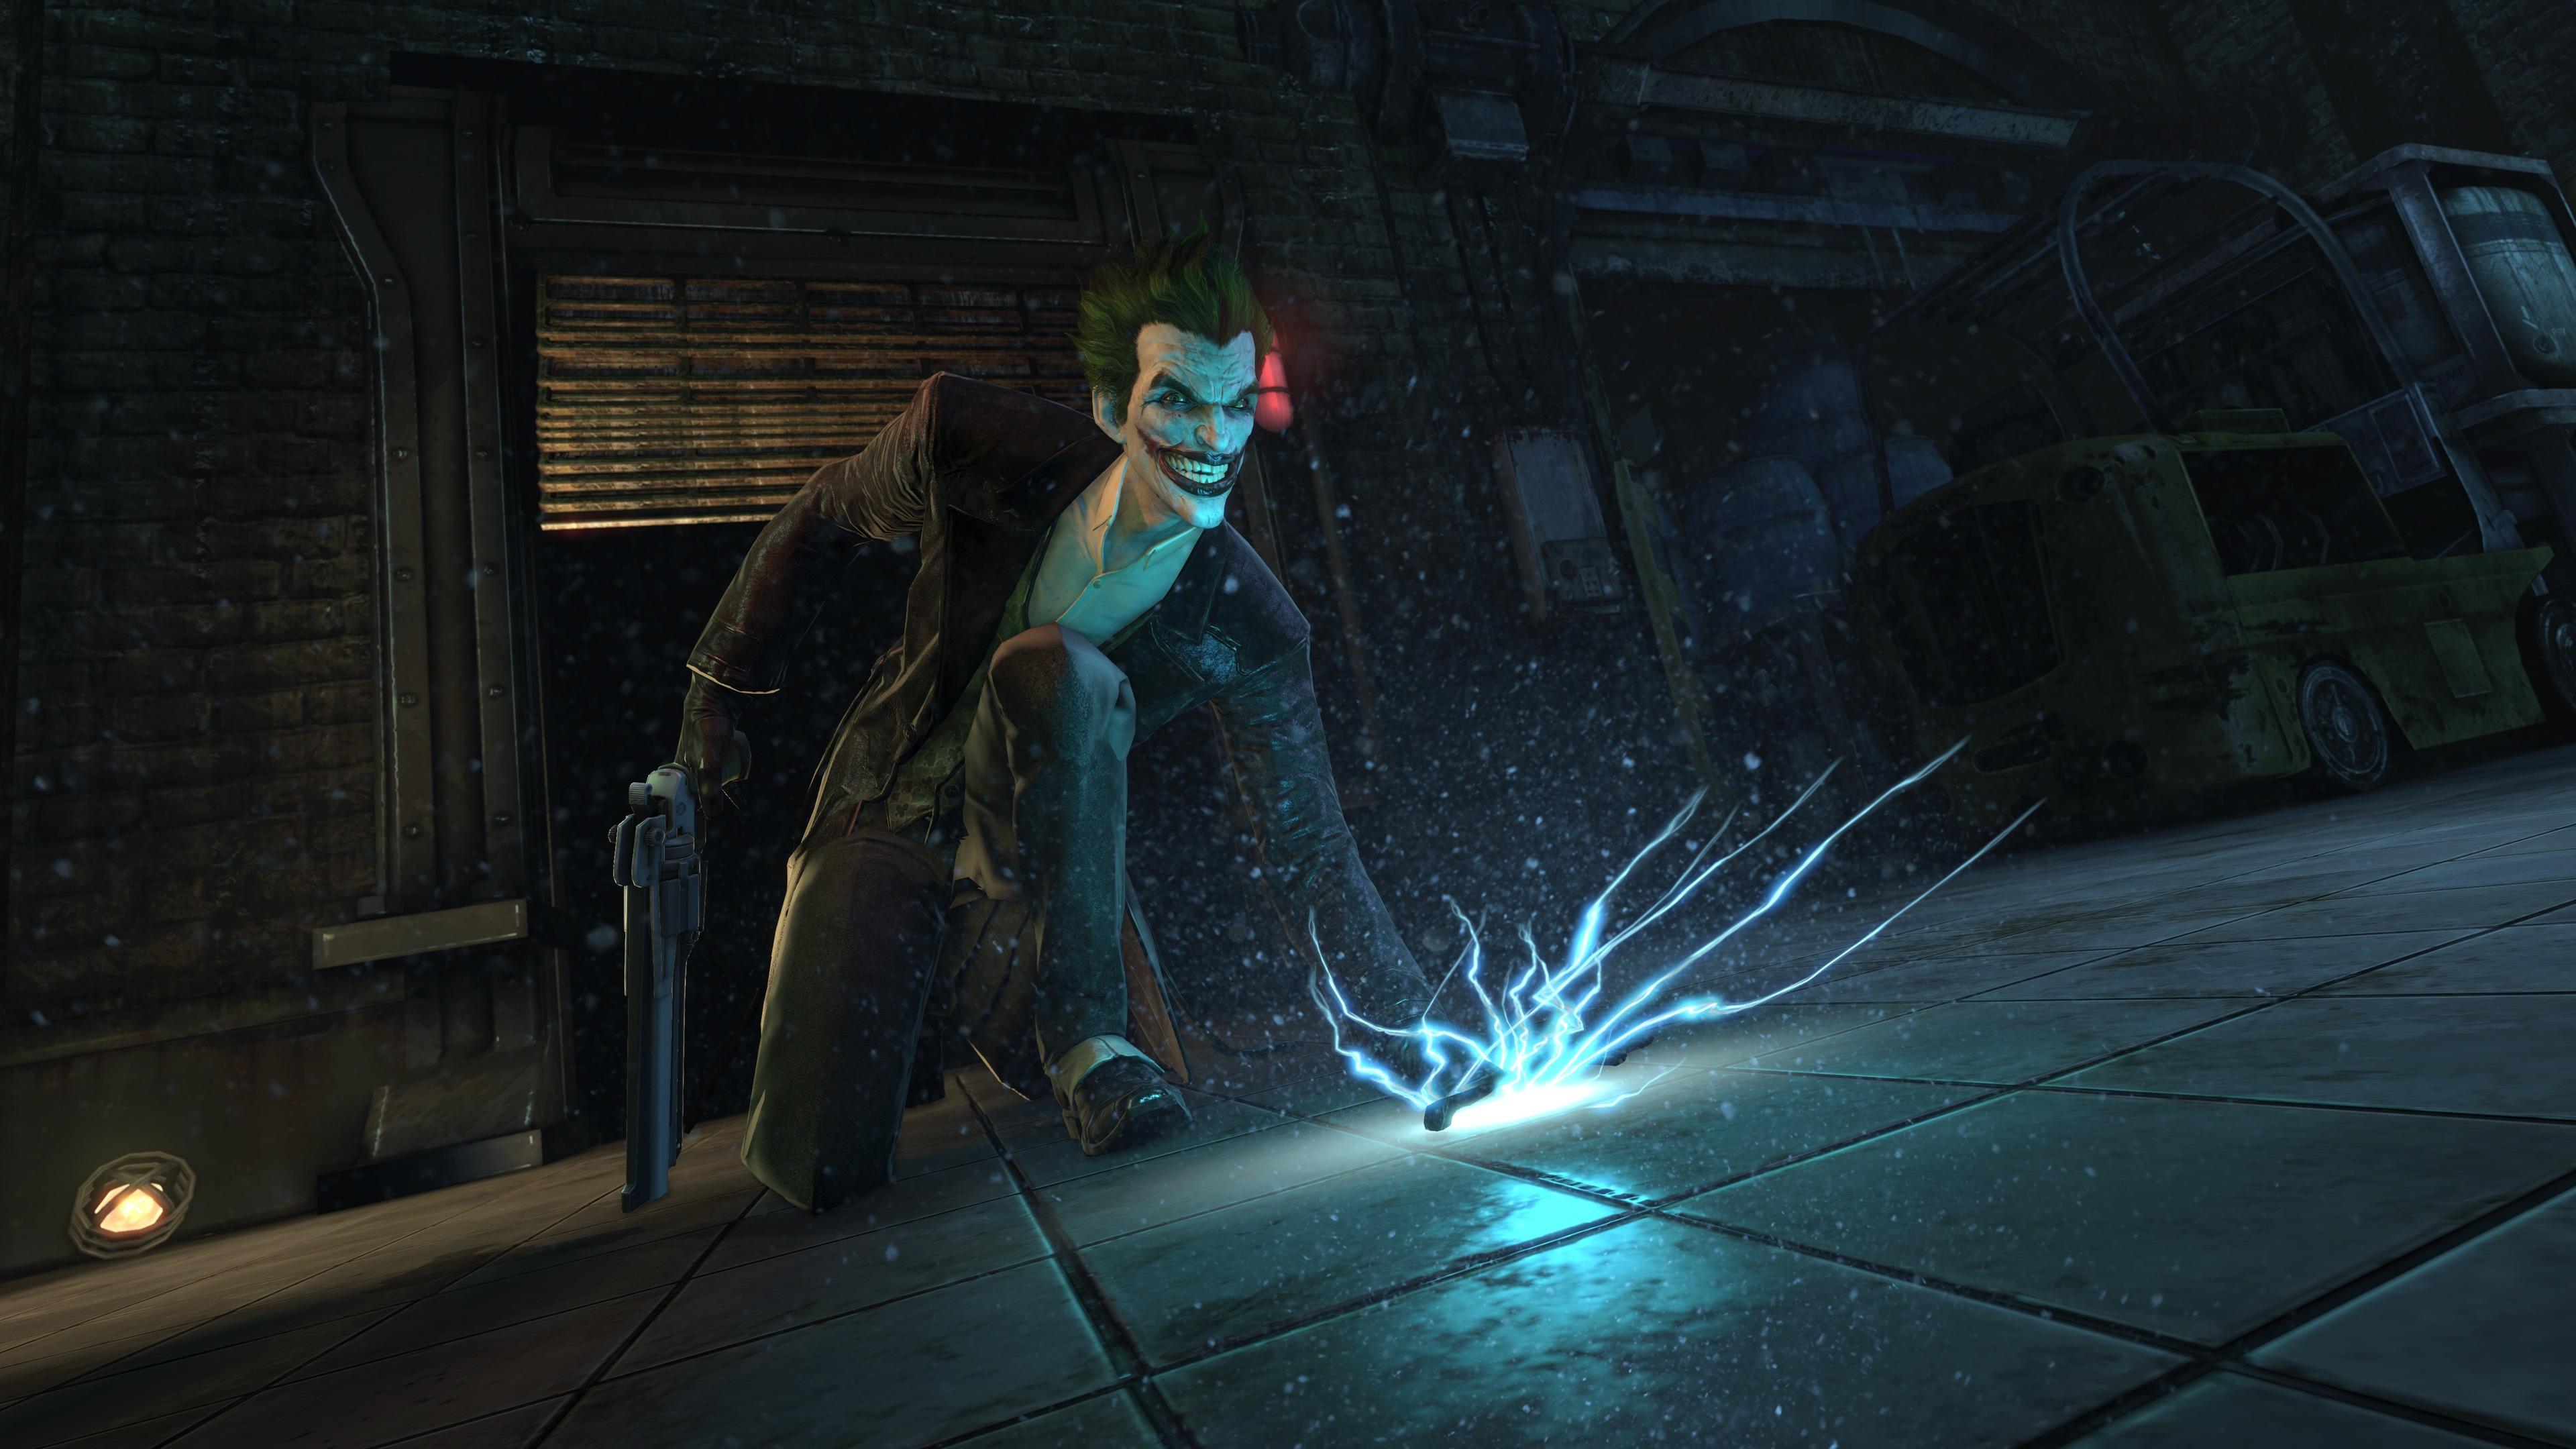 joker 5k 1536524086 - Joker 5k - supervillain wallpapers, superheroes wallpapers, joker wallpapers, hd-wallpapers, 5k wallpapers, 4k-wallpapers